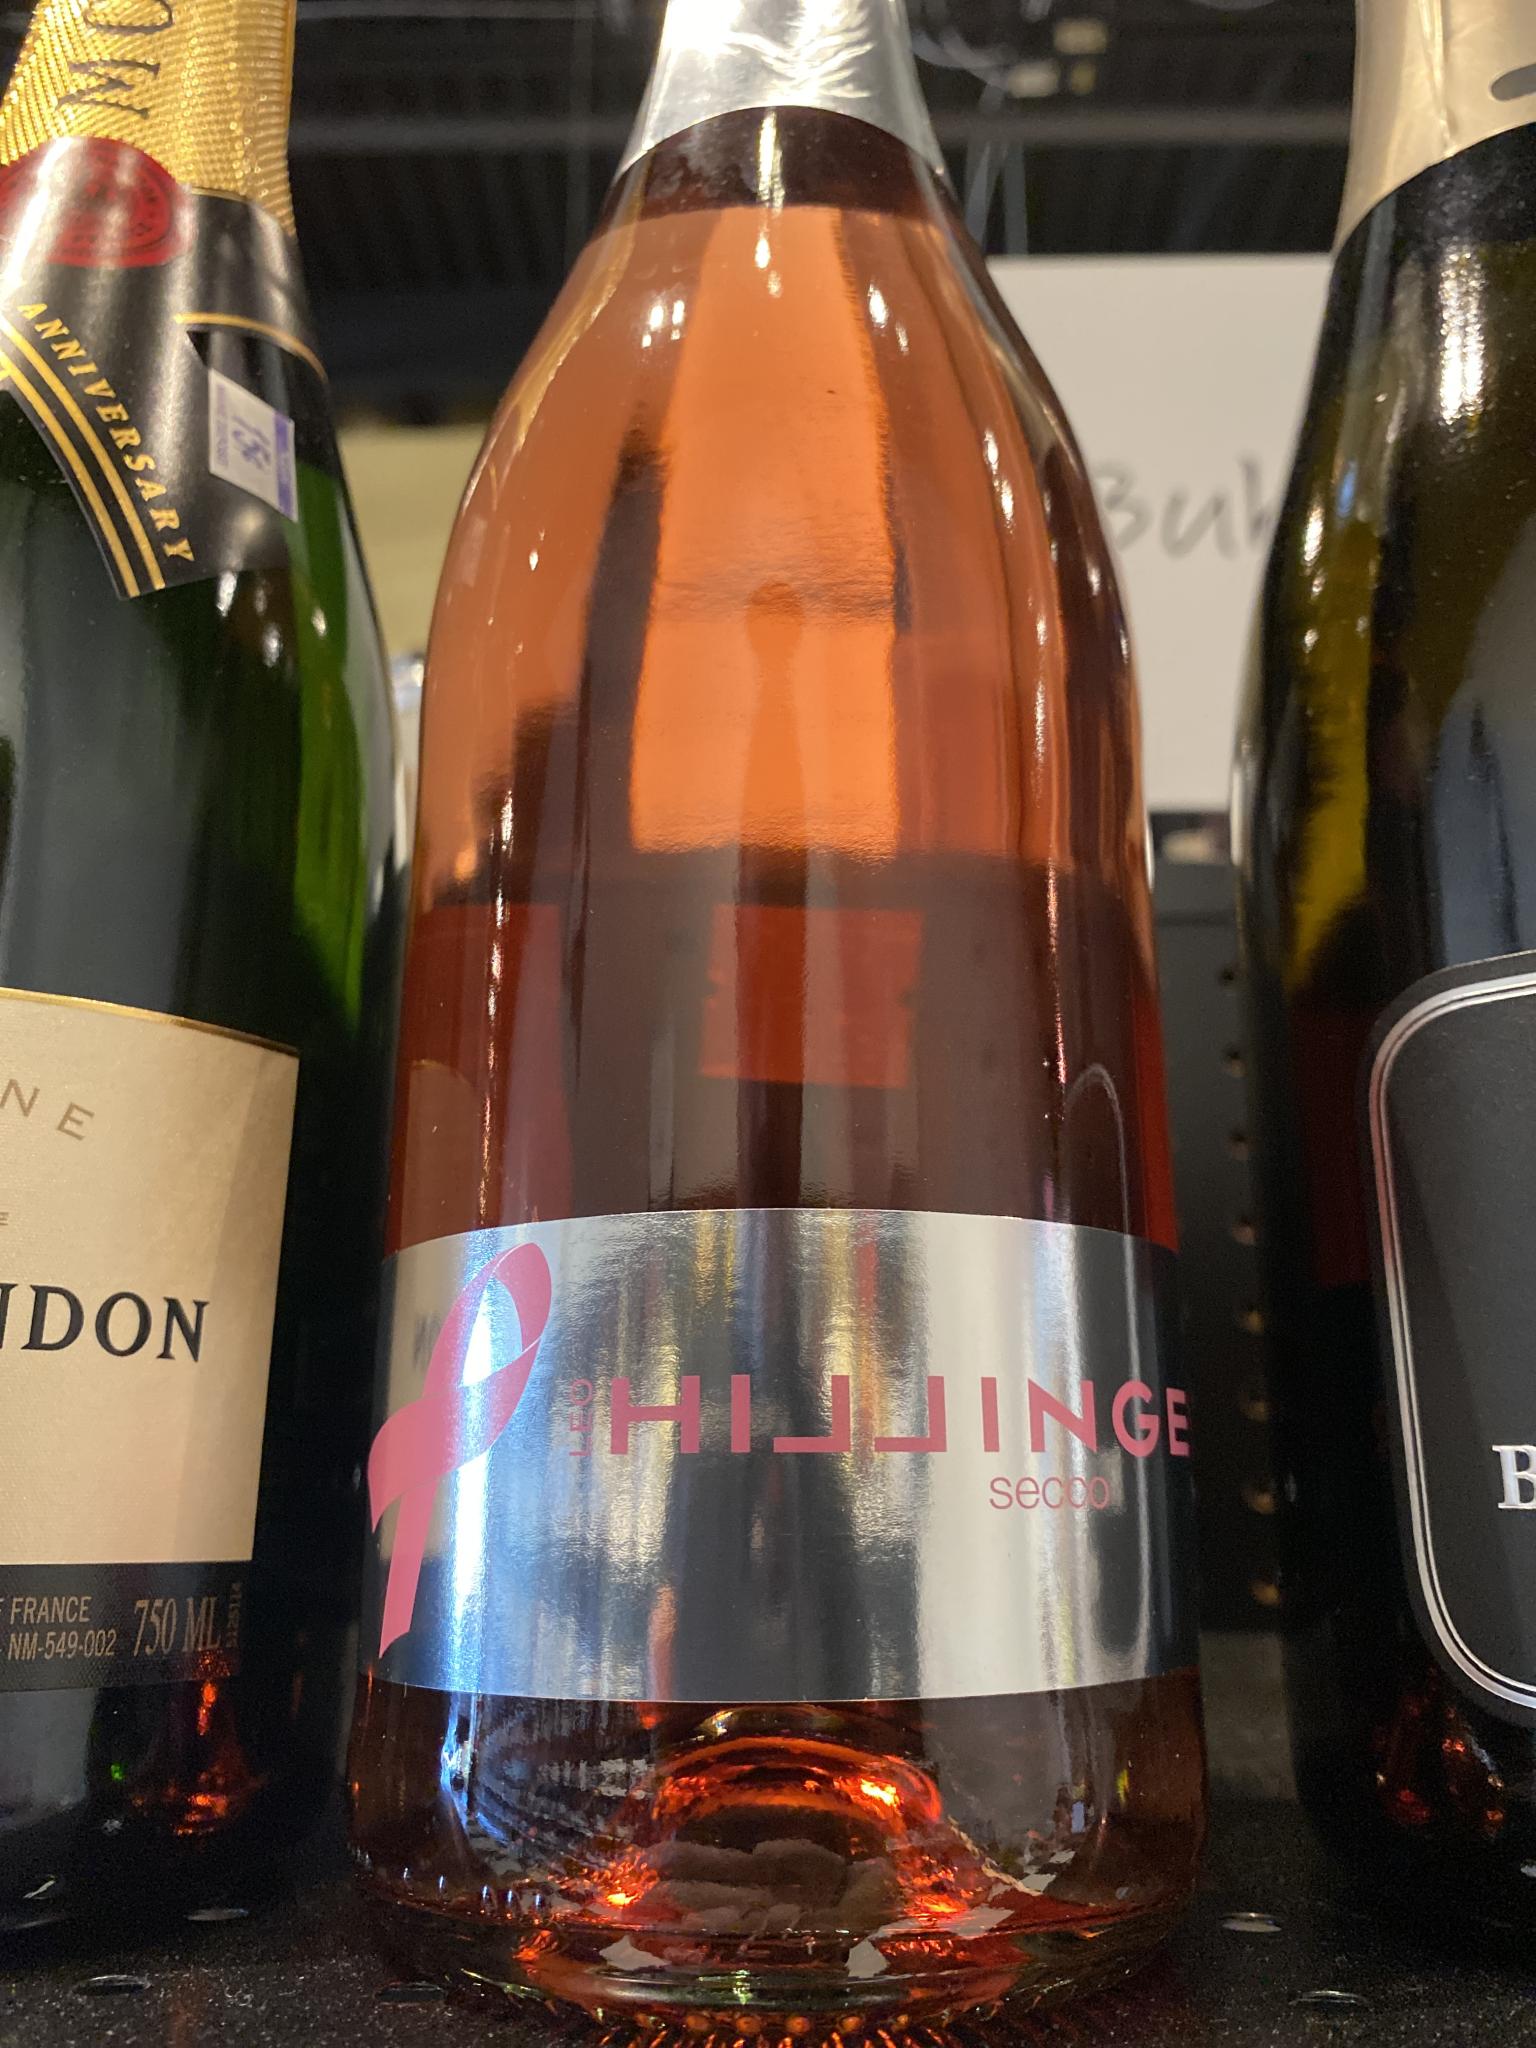 HILLINGER ROSE SPARKLING